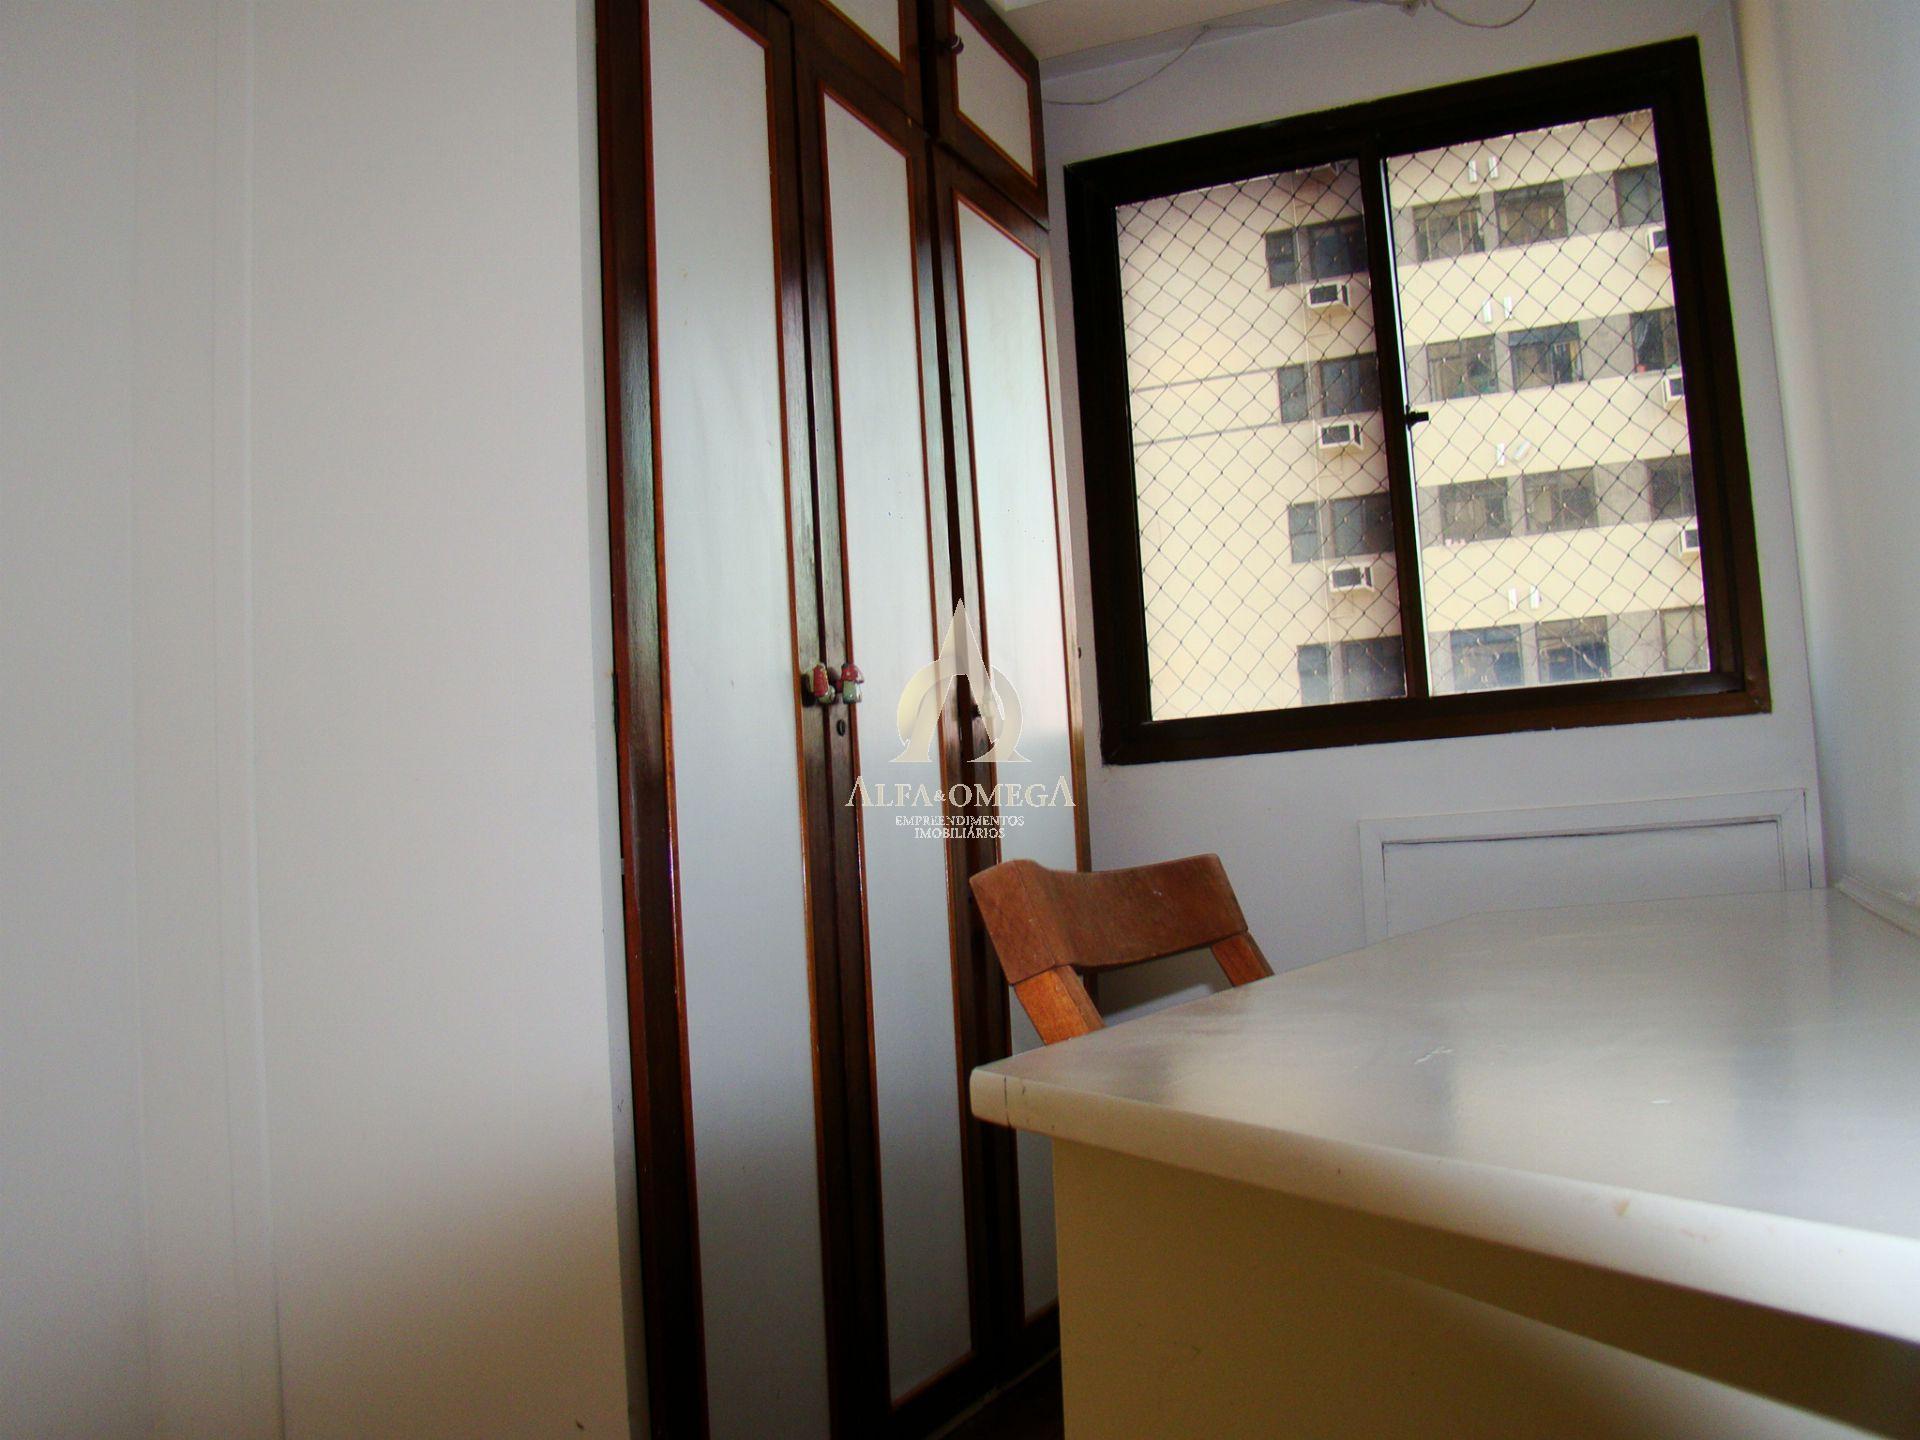 FOTO 16 - Apartamento 2 quartos à venda Barra da Tijuca, Rio de Janeiro - R$ 650.000 - AO20411 - 18